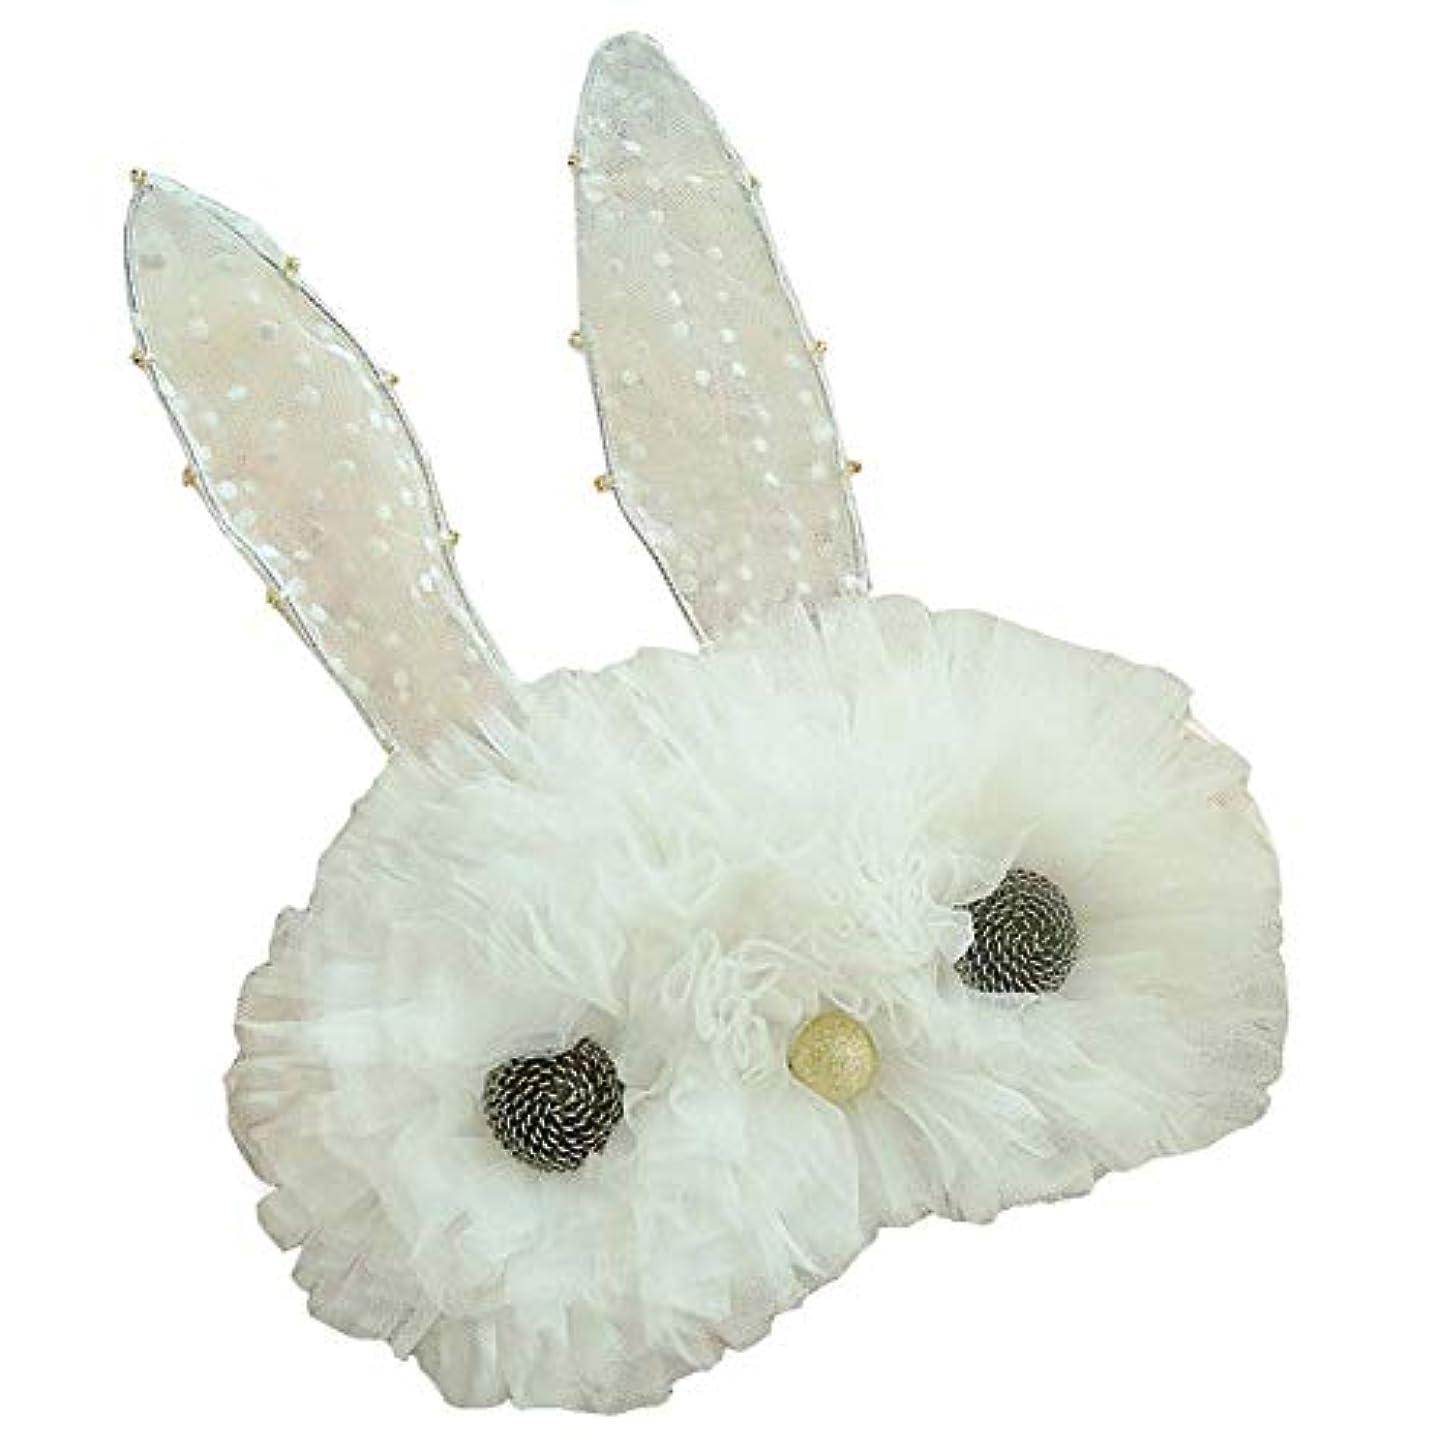 本物の合併白くかわいいウサギの睡眠の目マスクの柔らかい目隠しの睡眠のマスクの家の睡眠旅行のための目カバー